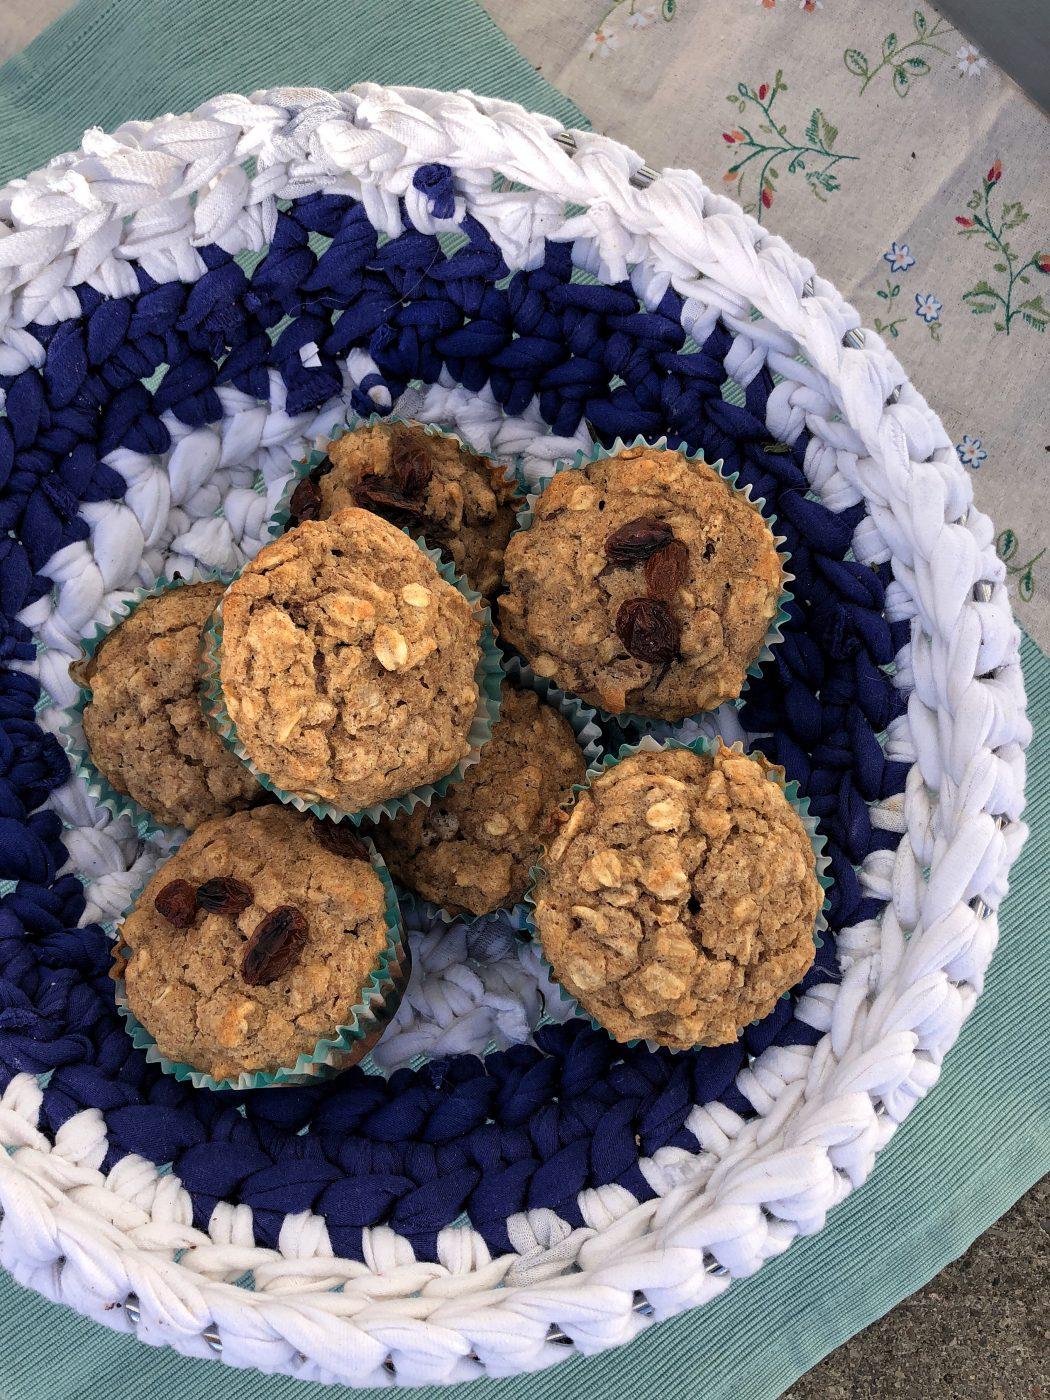 https://tastesbetterfromscratch.com/healthy-applesauce-oat-muffins